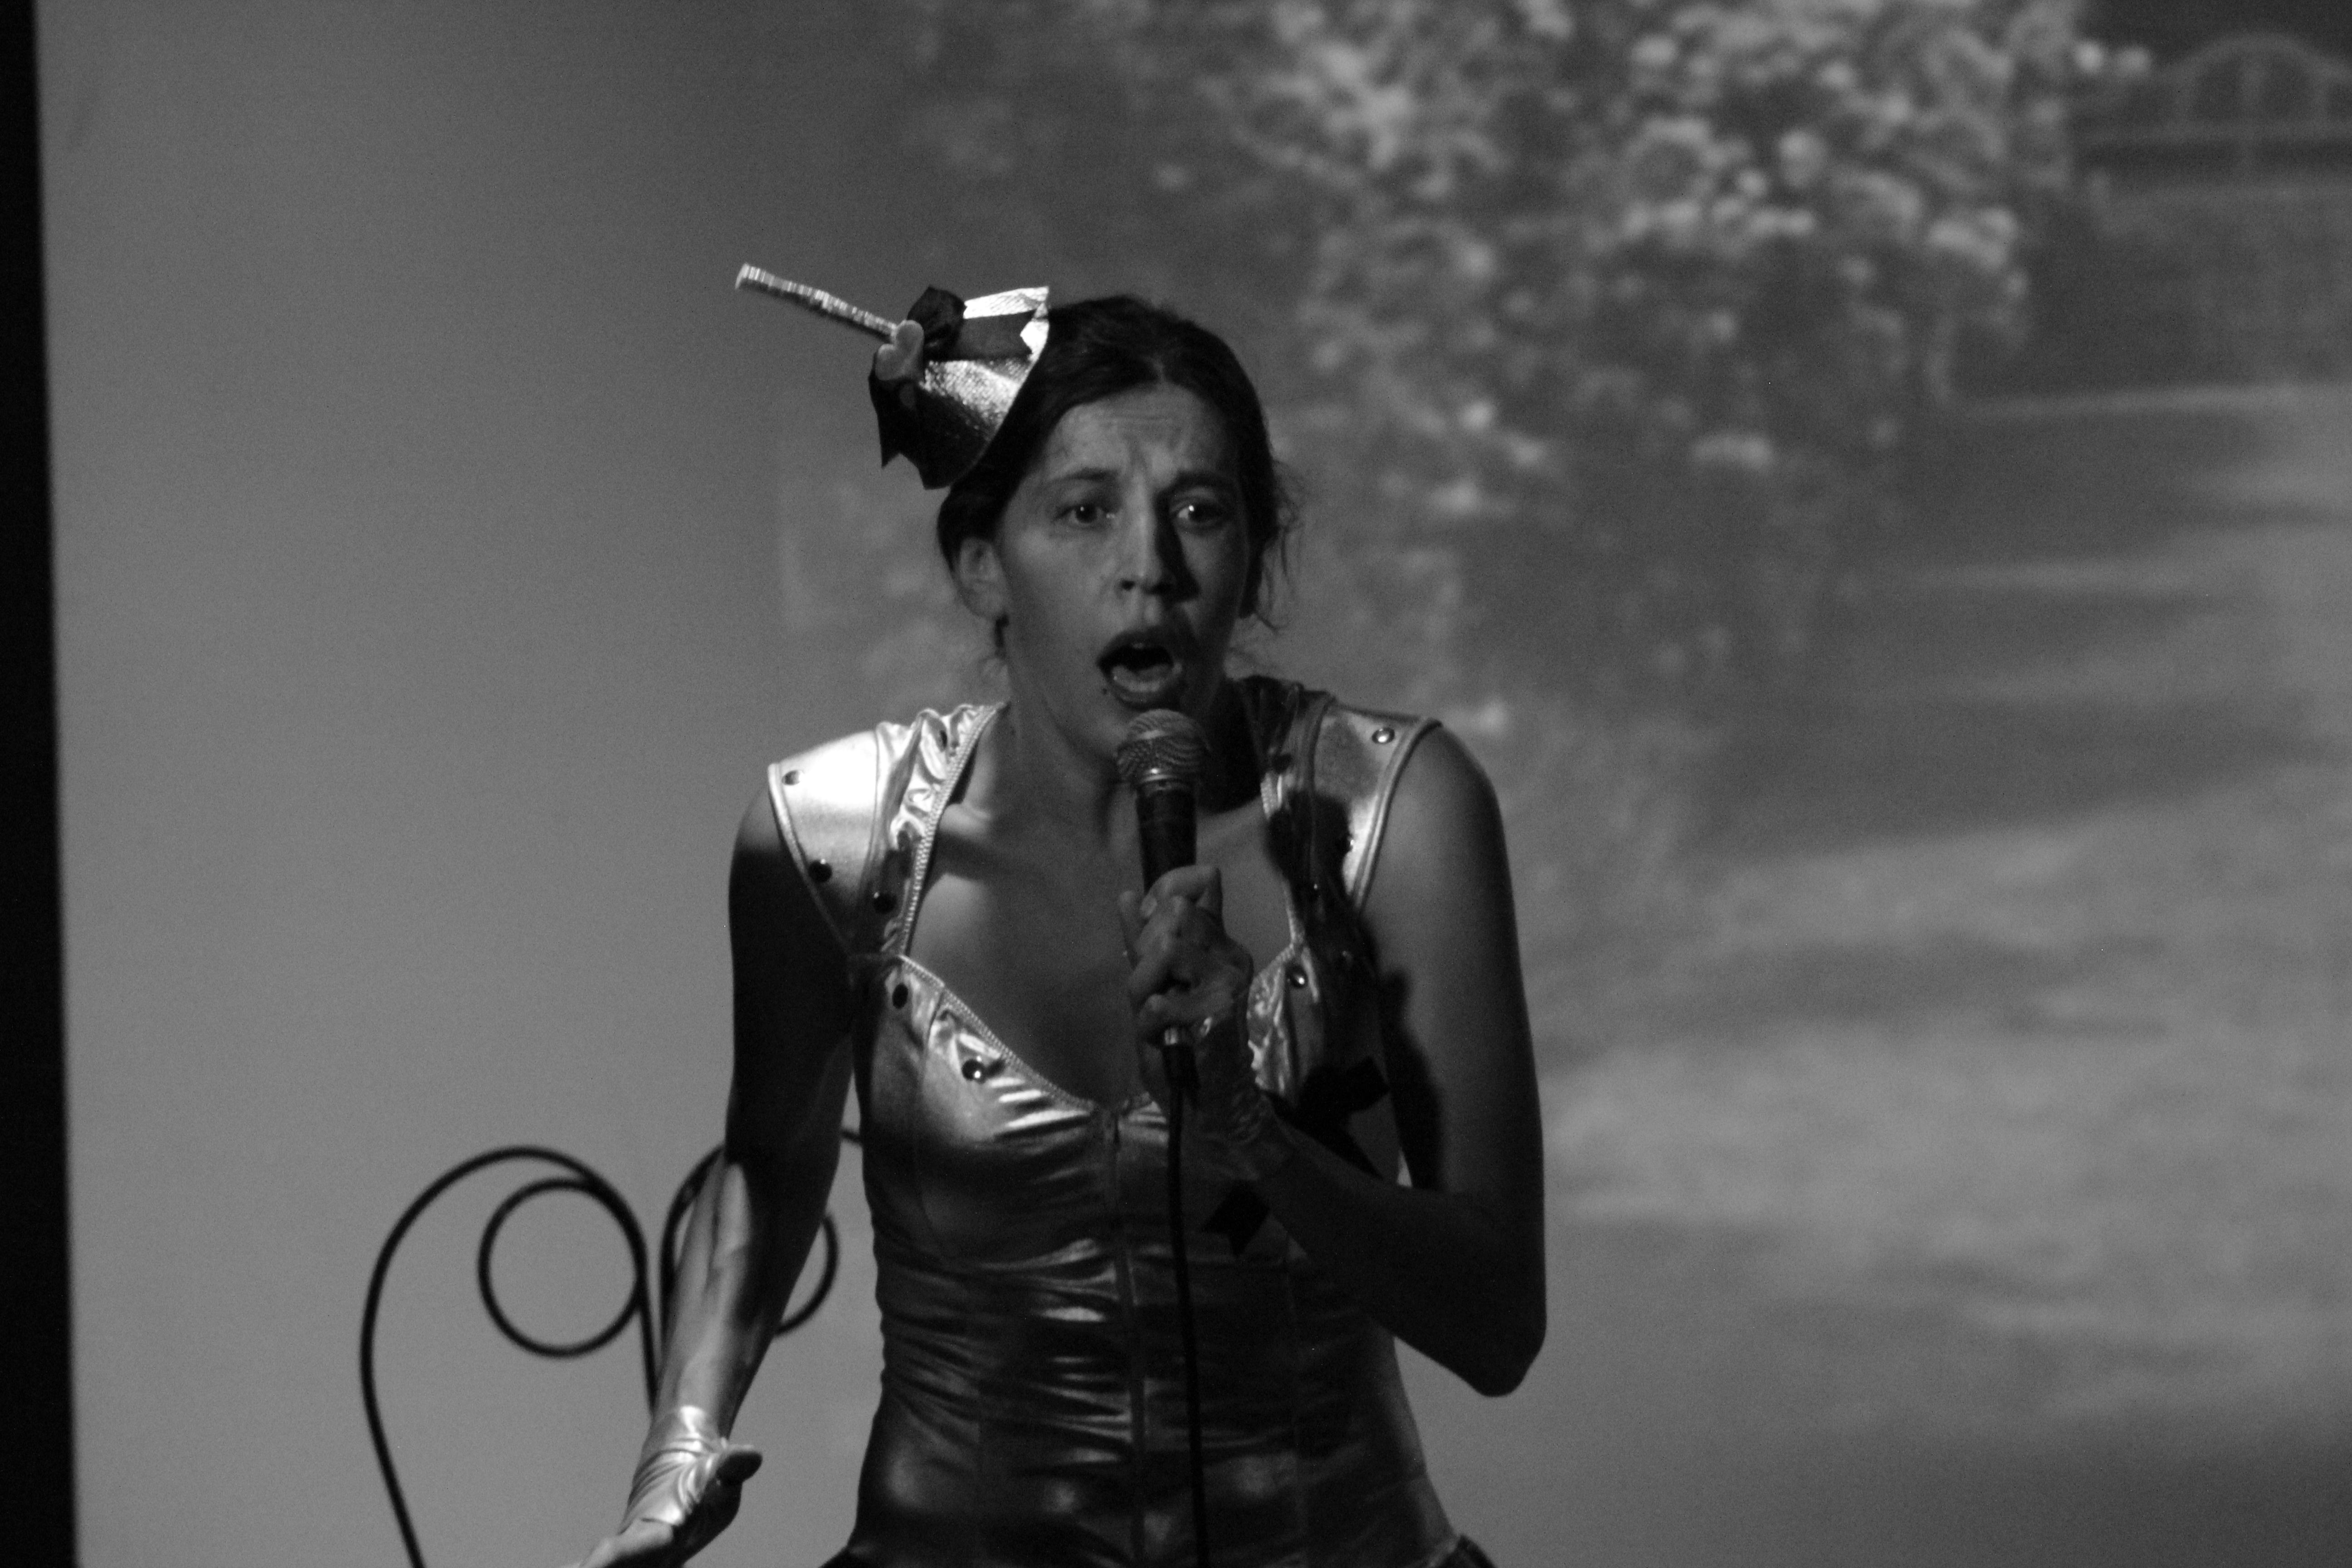 La Tin Woman